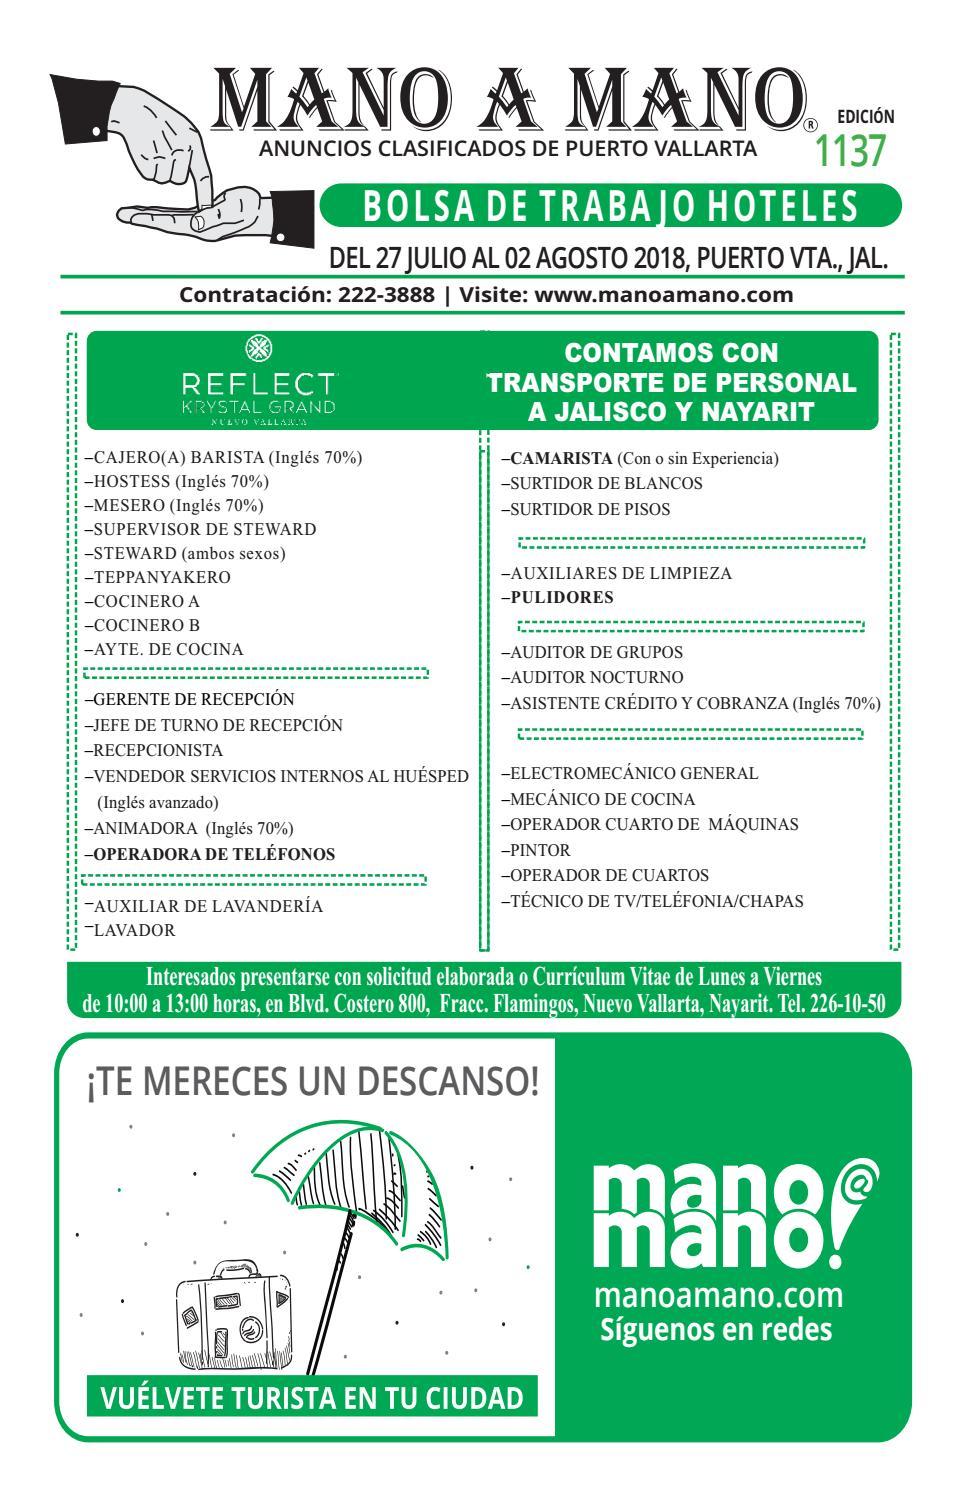 Bolsa trabajo hoteles 1137 by MANO A MANO - issuu